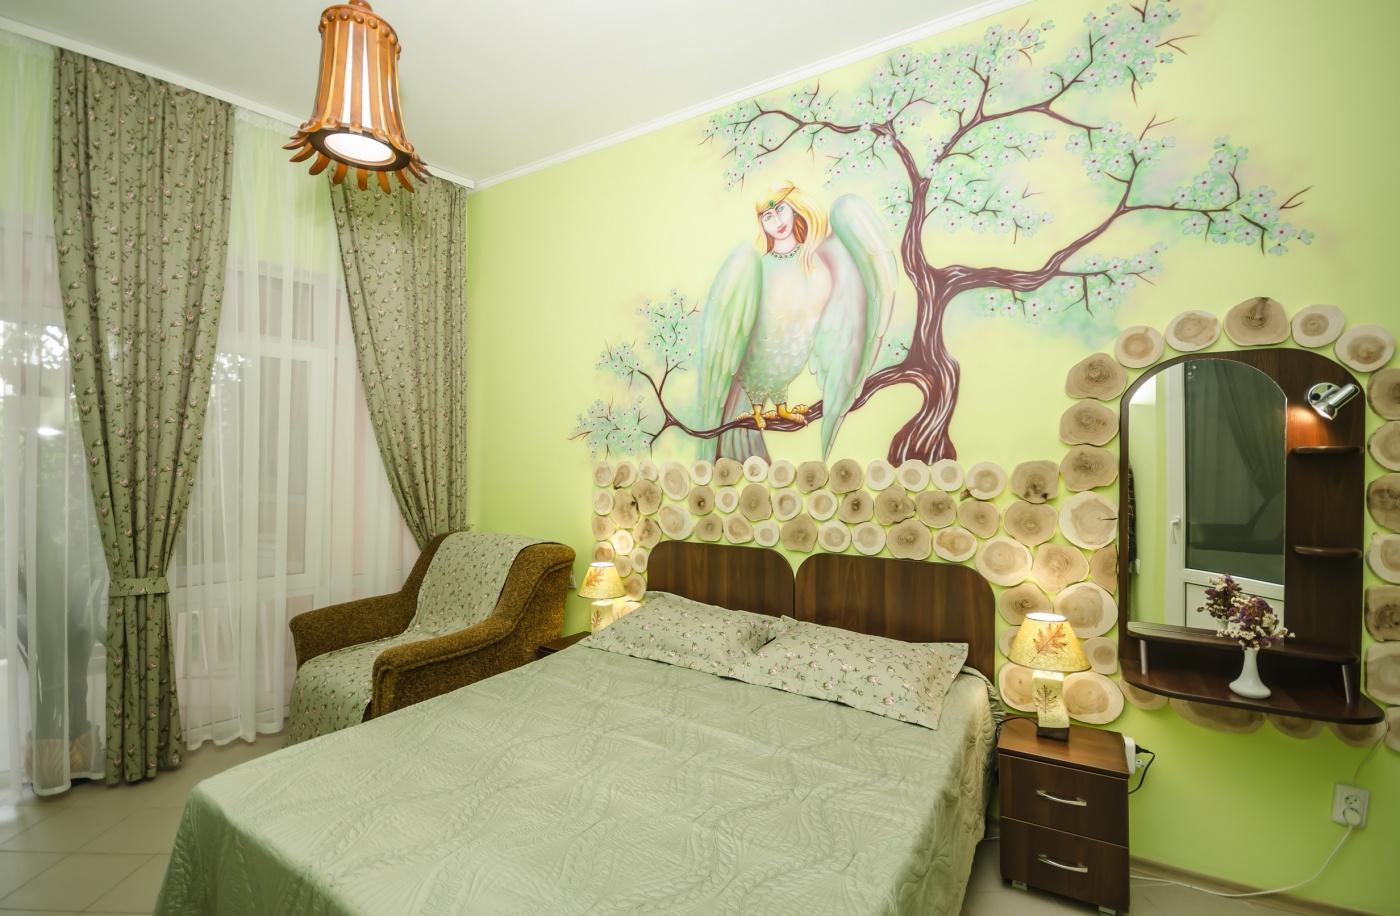 Гостевой дом «Гринвич» Республика Крым Стандарт в эко-стиле, фото 1